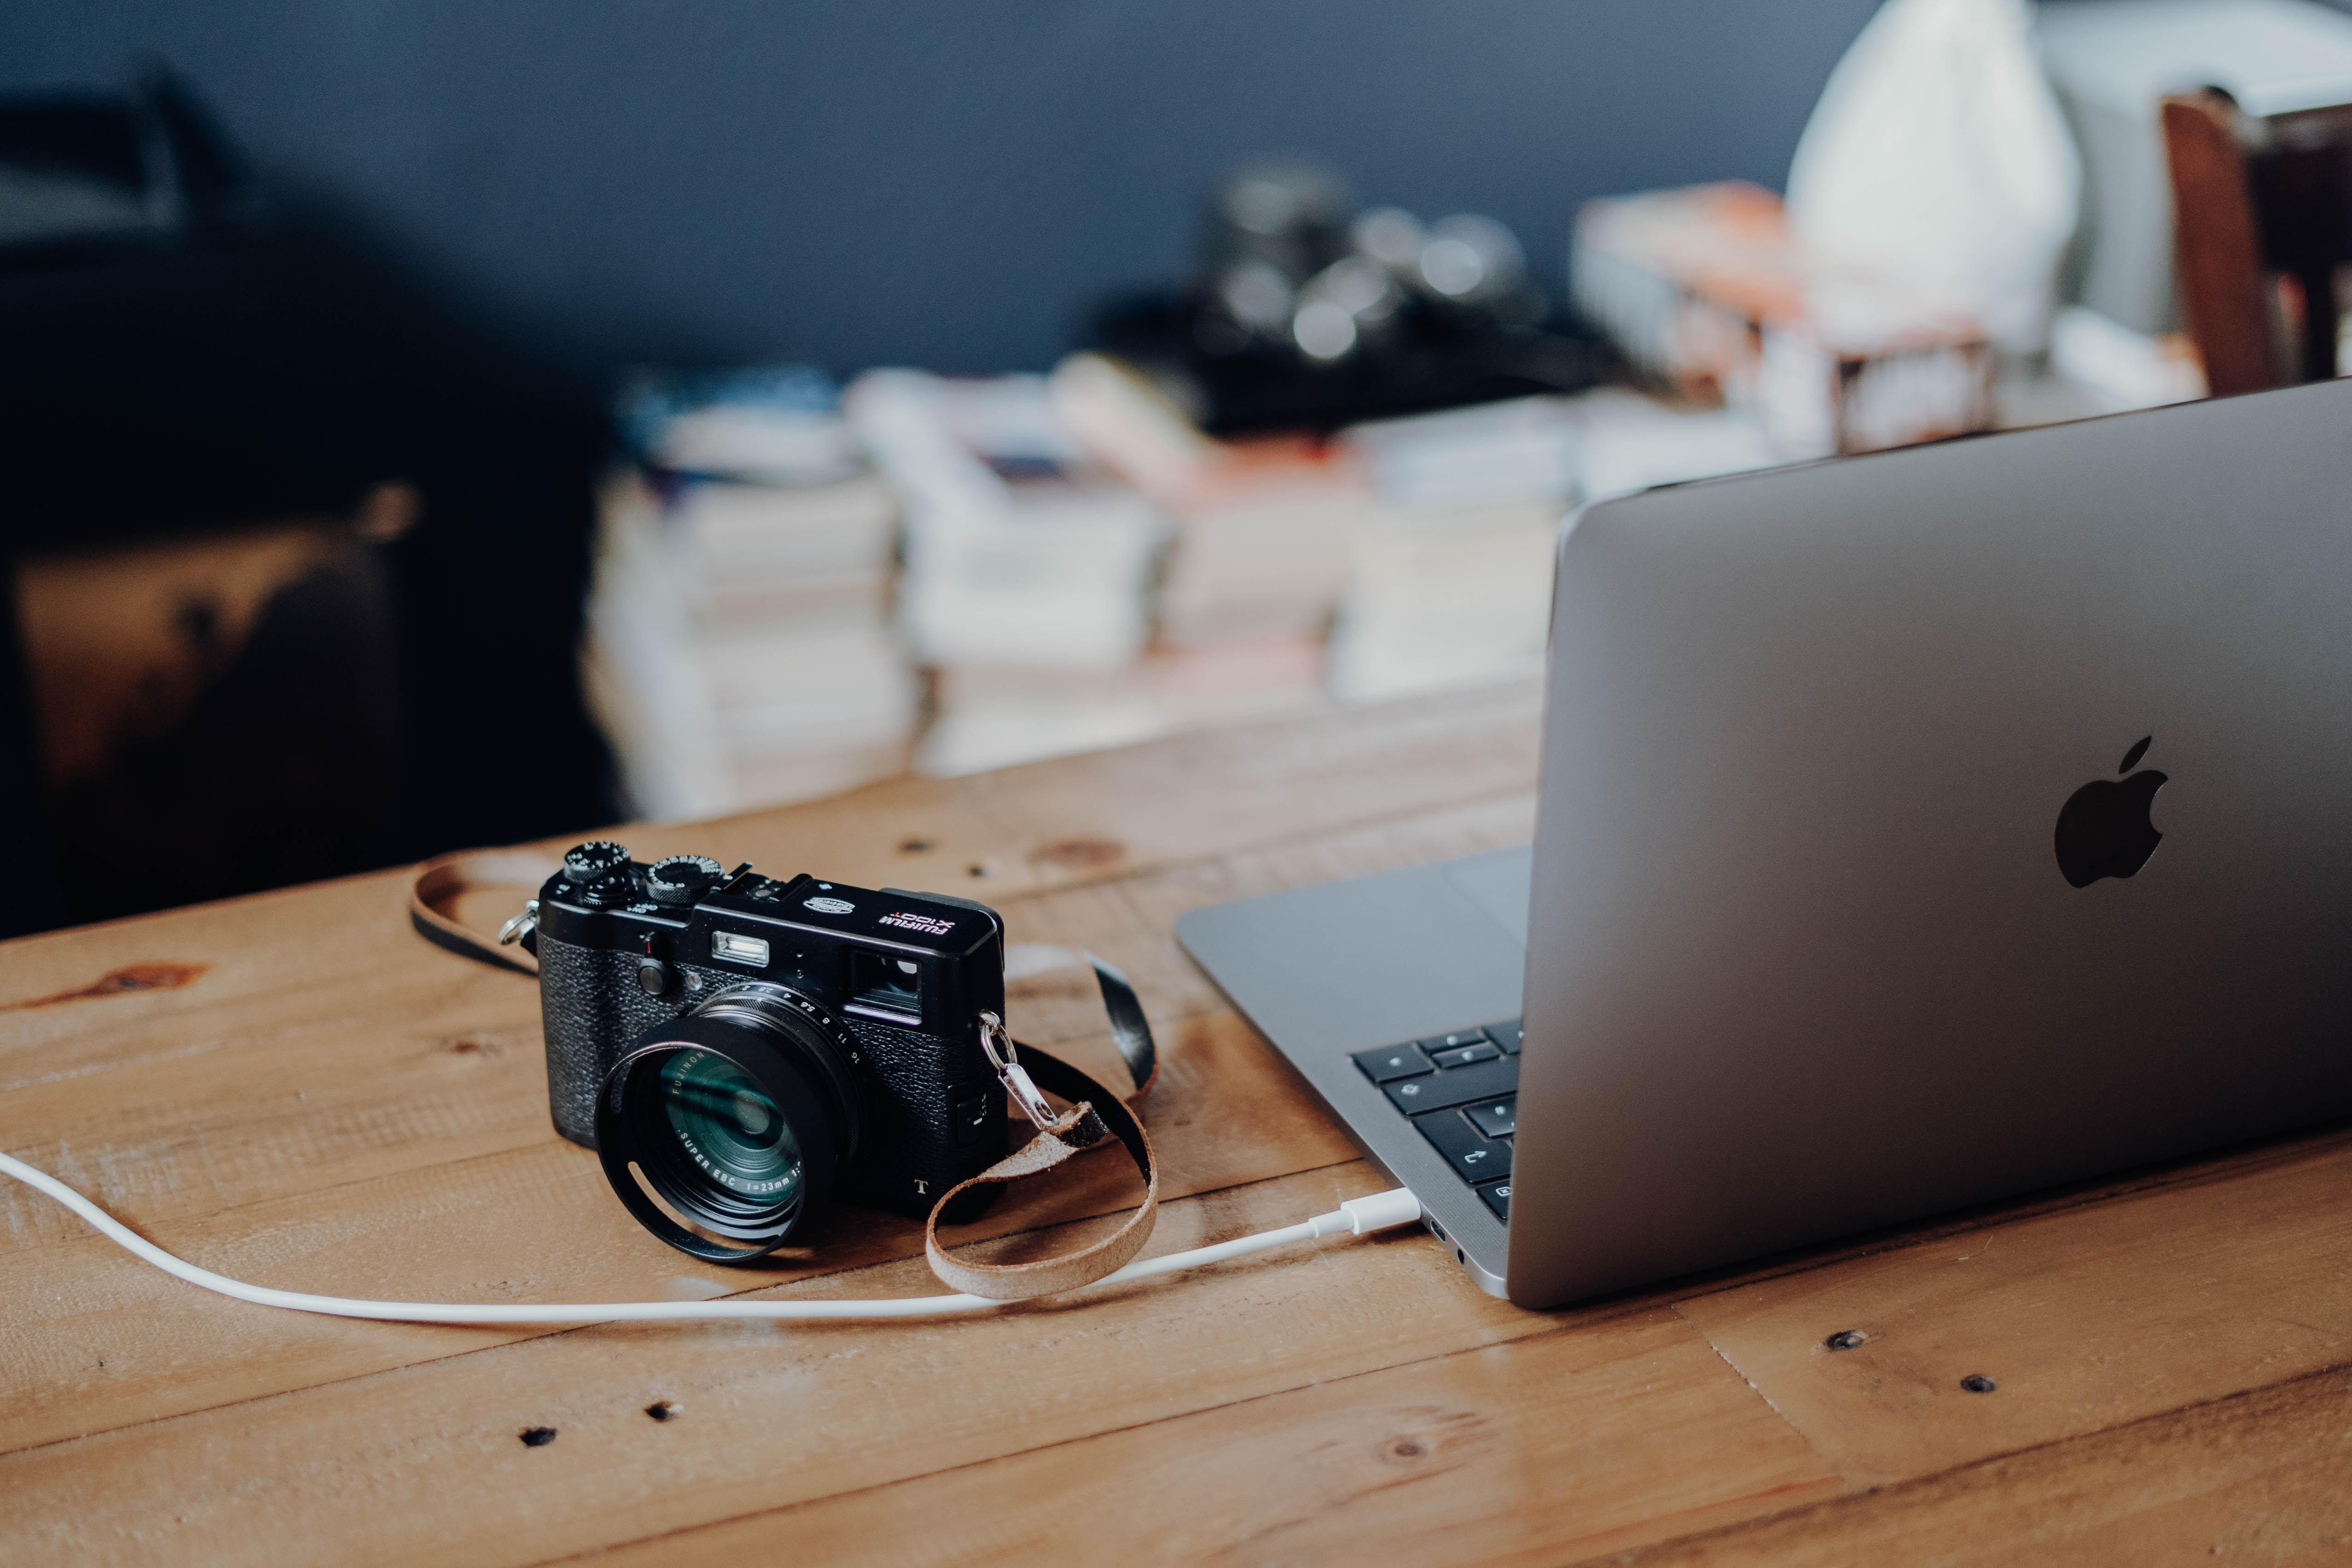 MacBook Air and black SLR camera